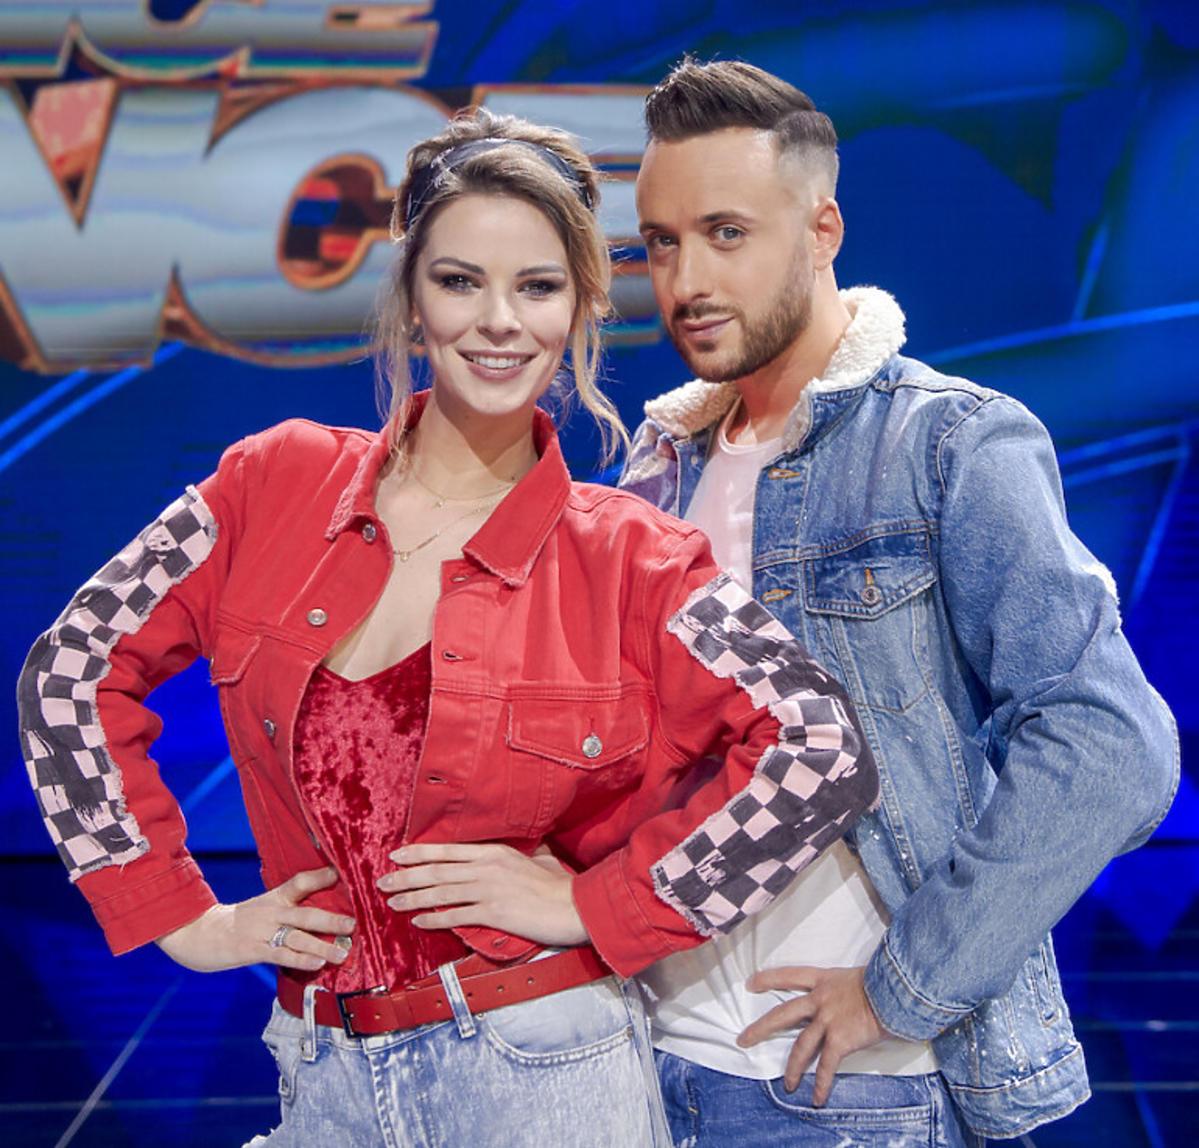 Małgorzata Tomaszewska i Aleksander Sikora w Dance Dance Dance